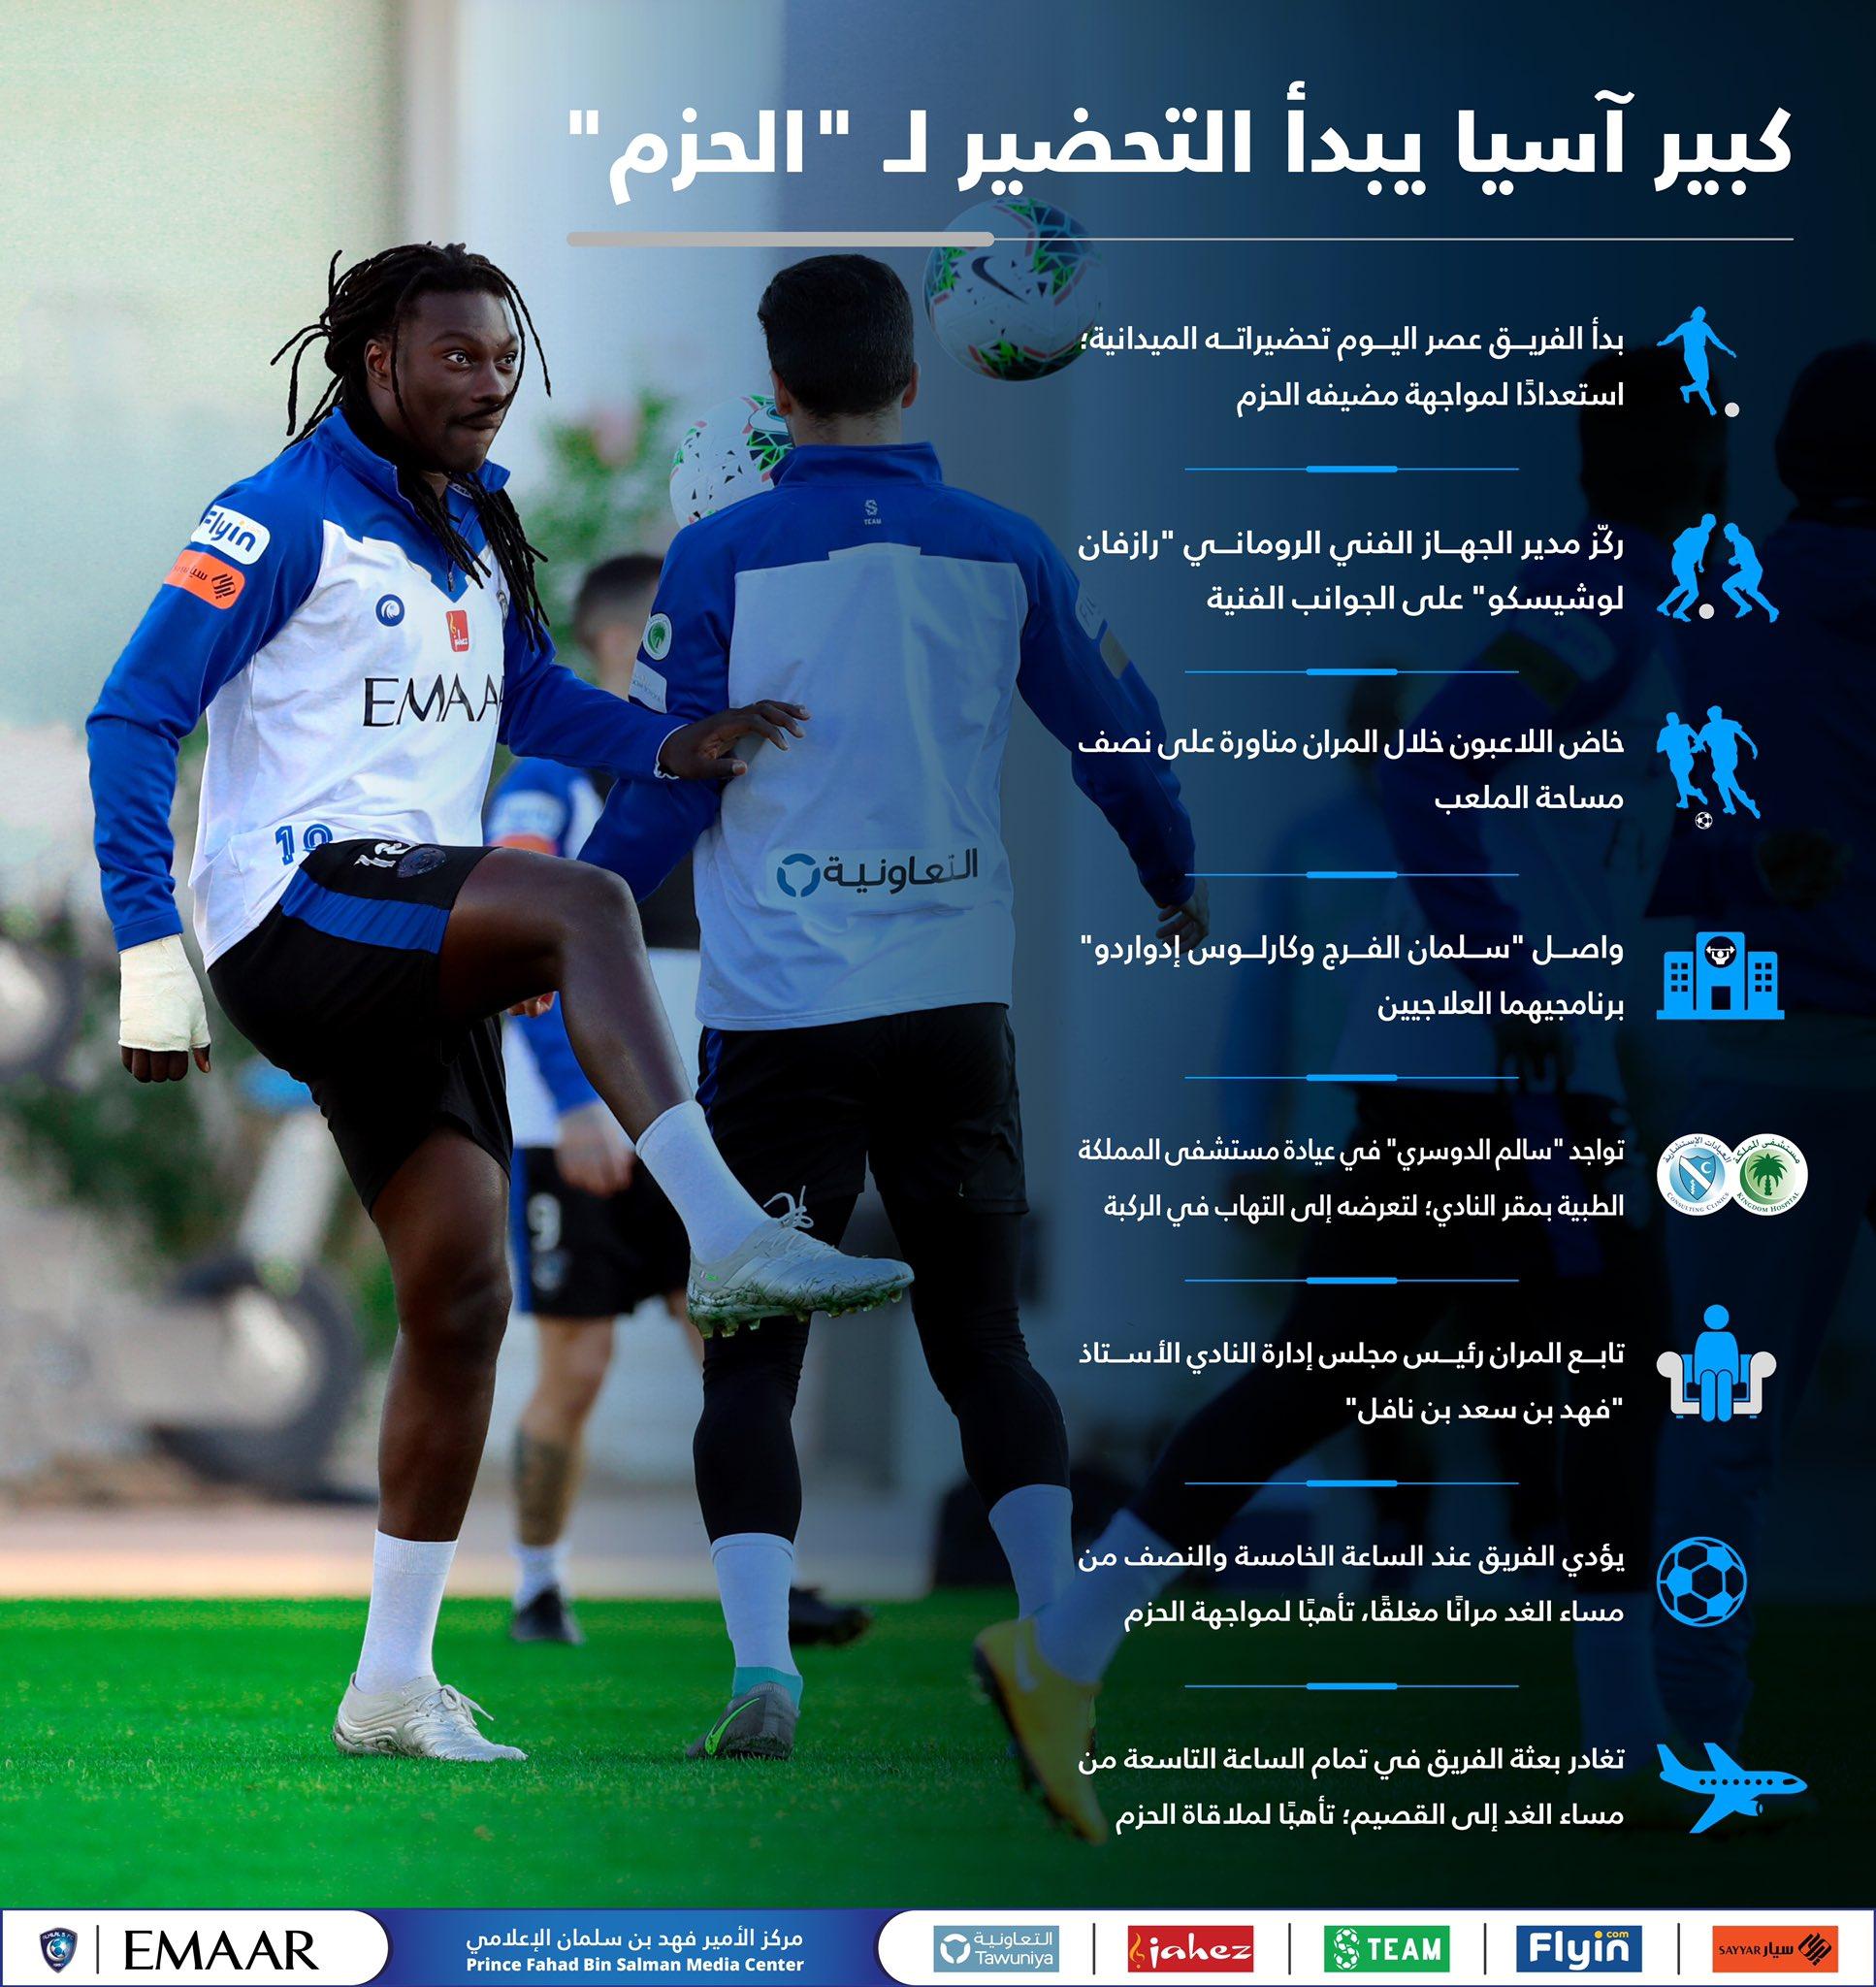 مشاهدة مباراة الحزم والهلال بث مباشر بتاريخ 26 12 2019 الدوري السعودي